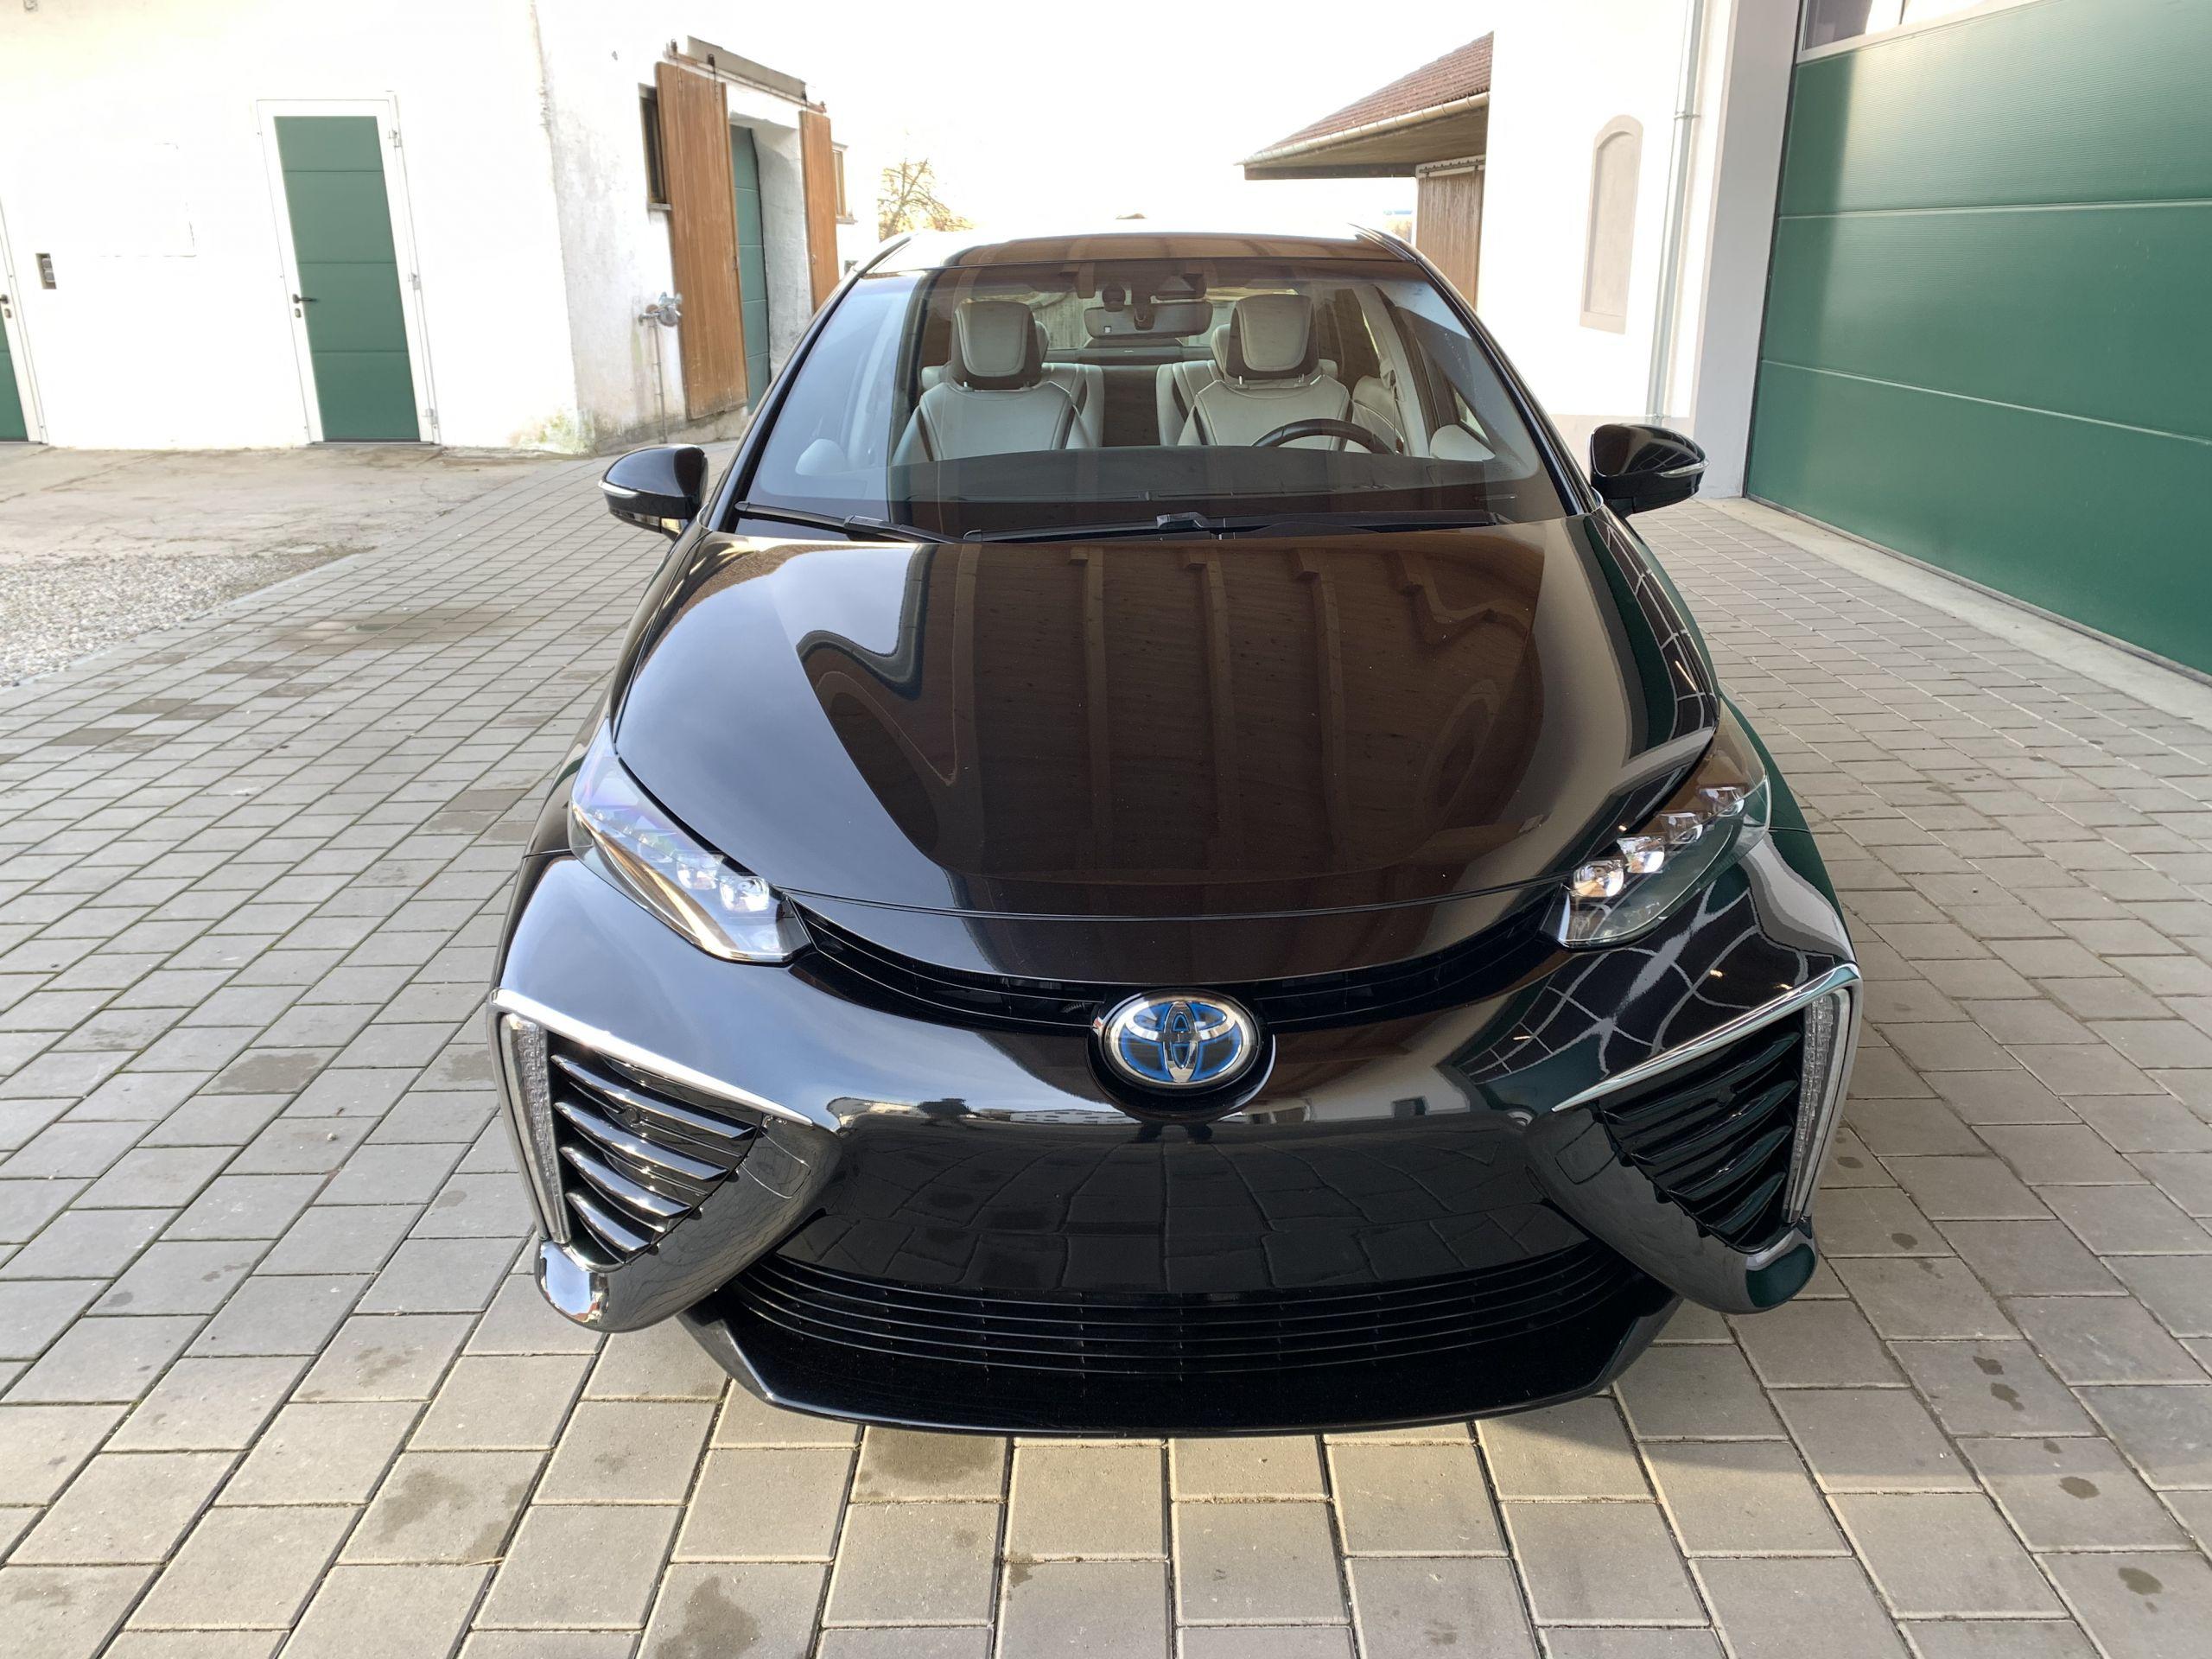 Schwarzer Gebraucht Toyota Mirai Wasserstoff Brennstoffzelle zu verkaufen Deutschland 6